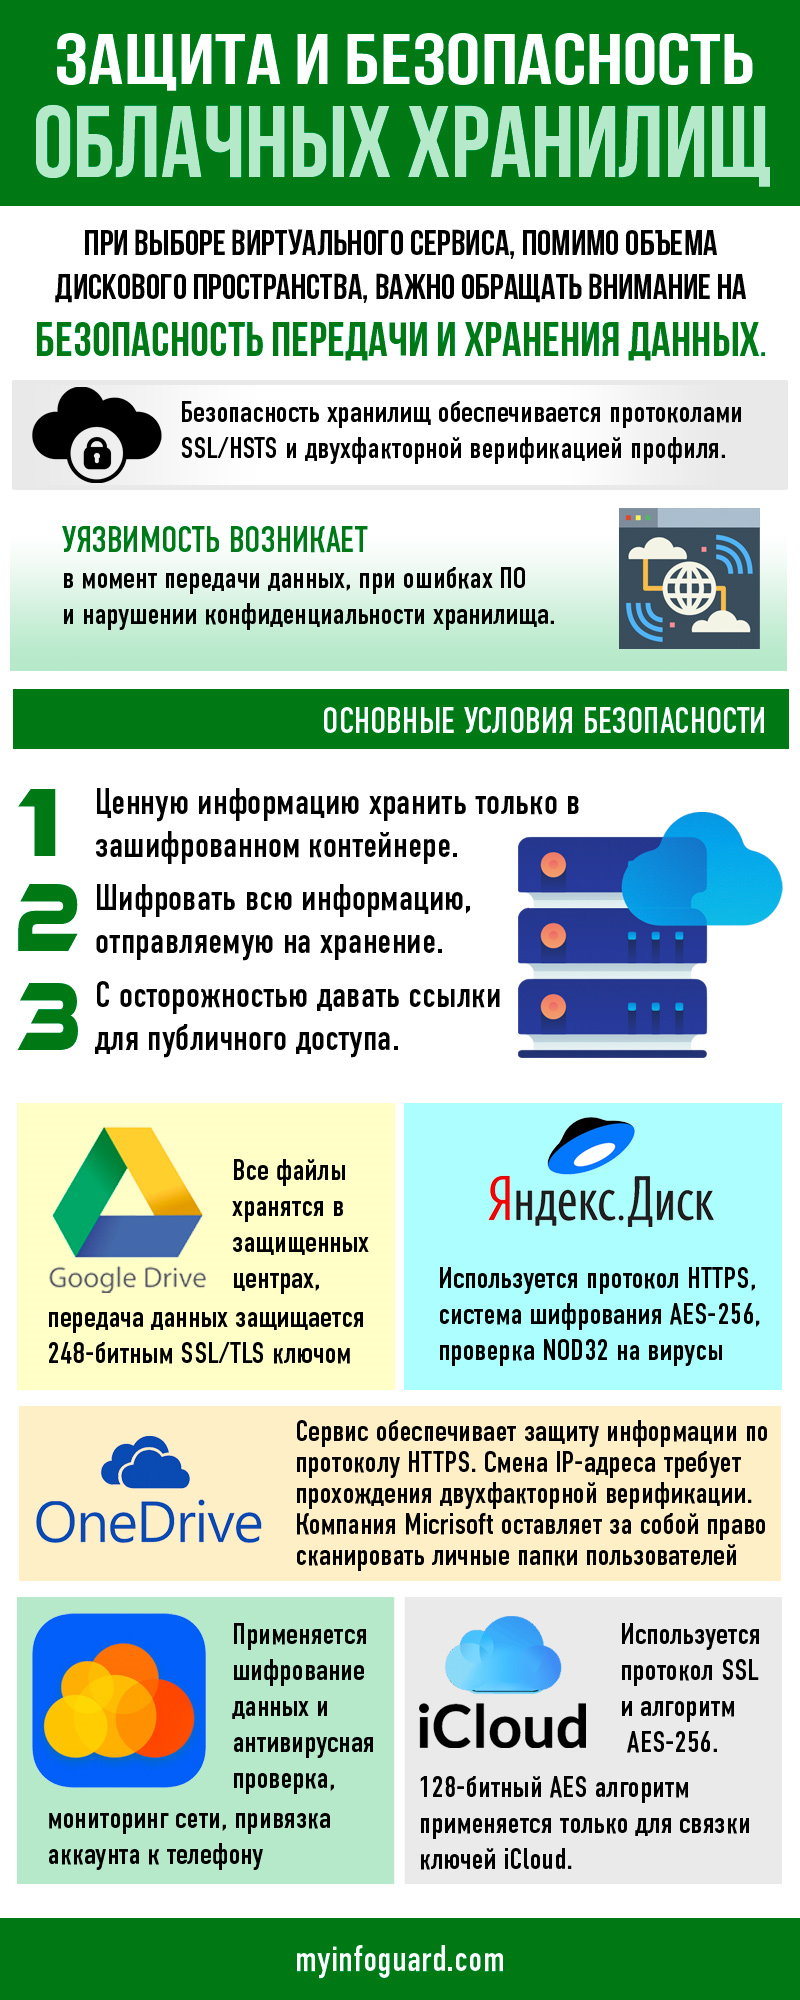 Защита и безопасность облачных хранилищ